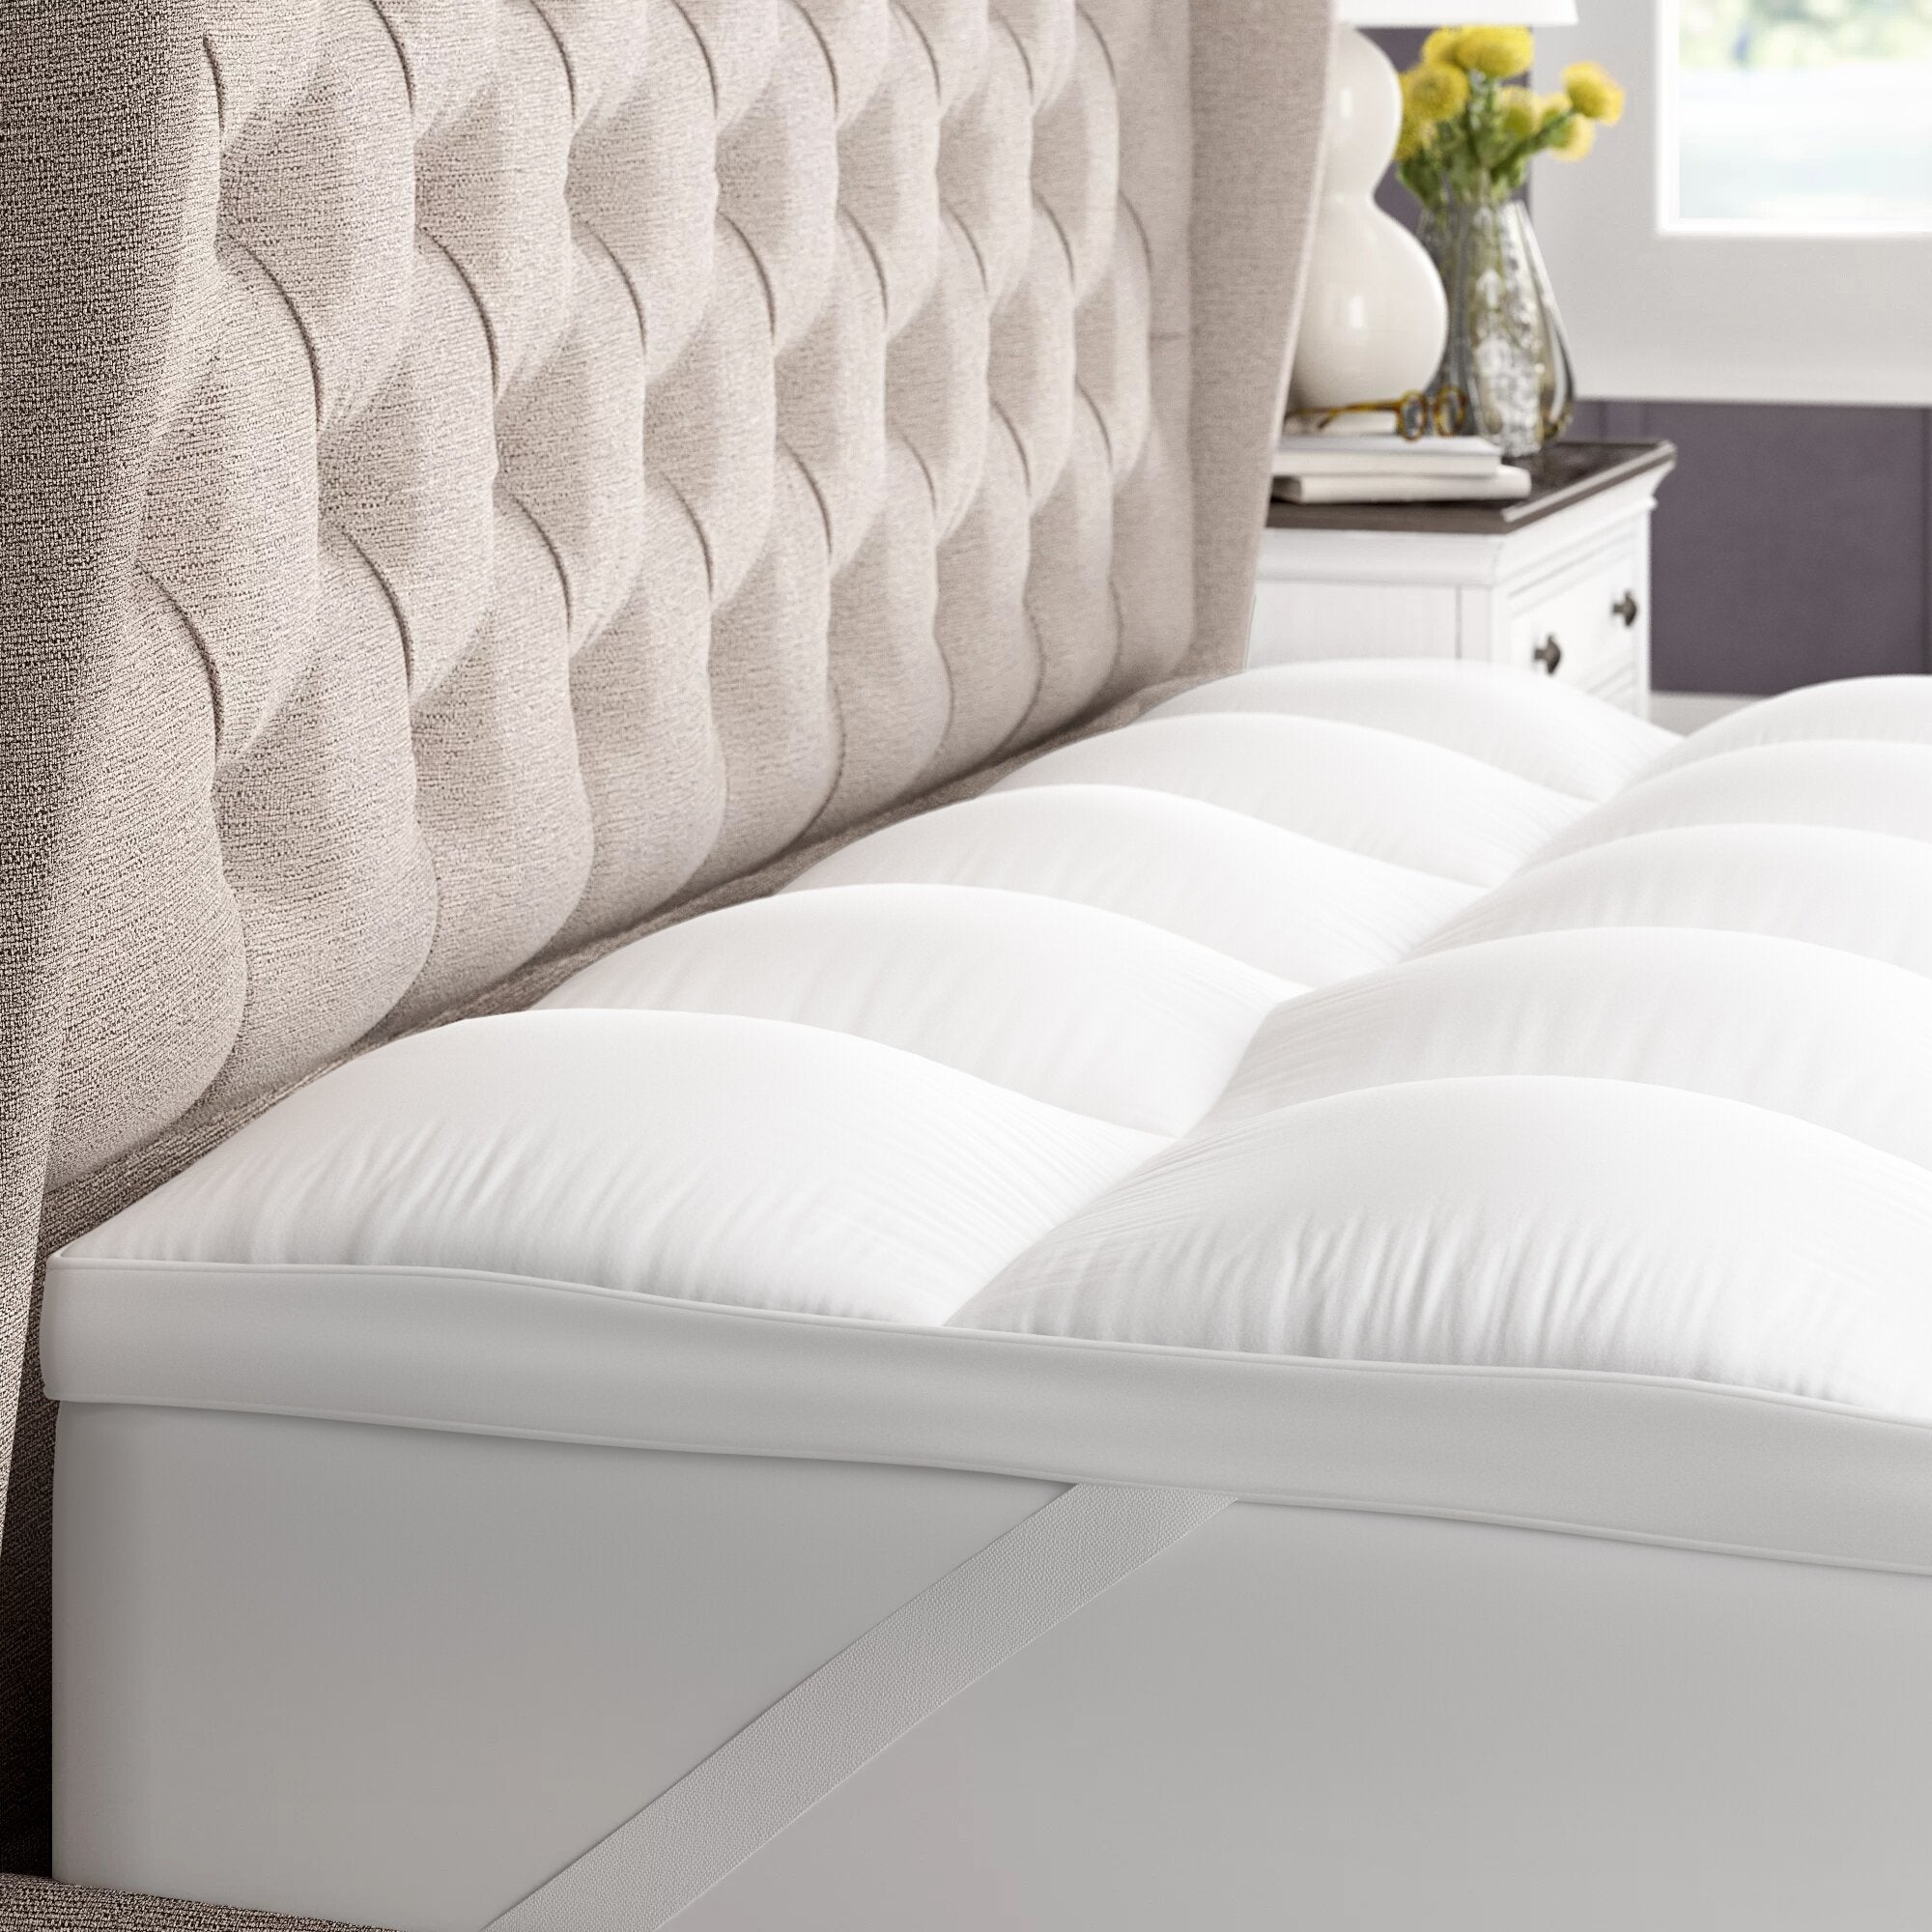 gerstner thick hypoallergenic 2 down alternative bed mattress topper